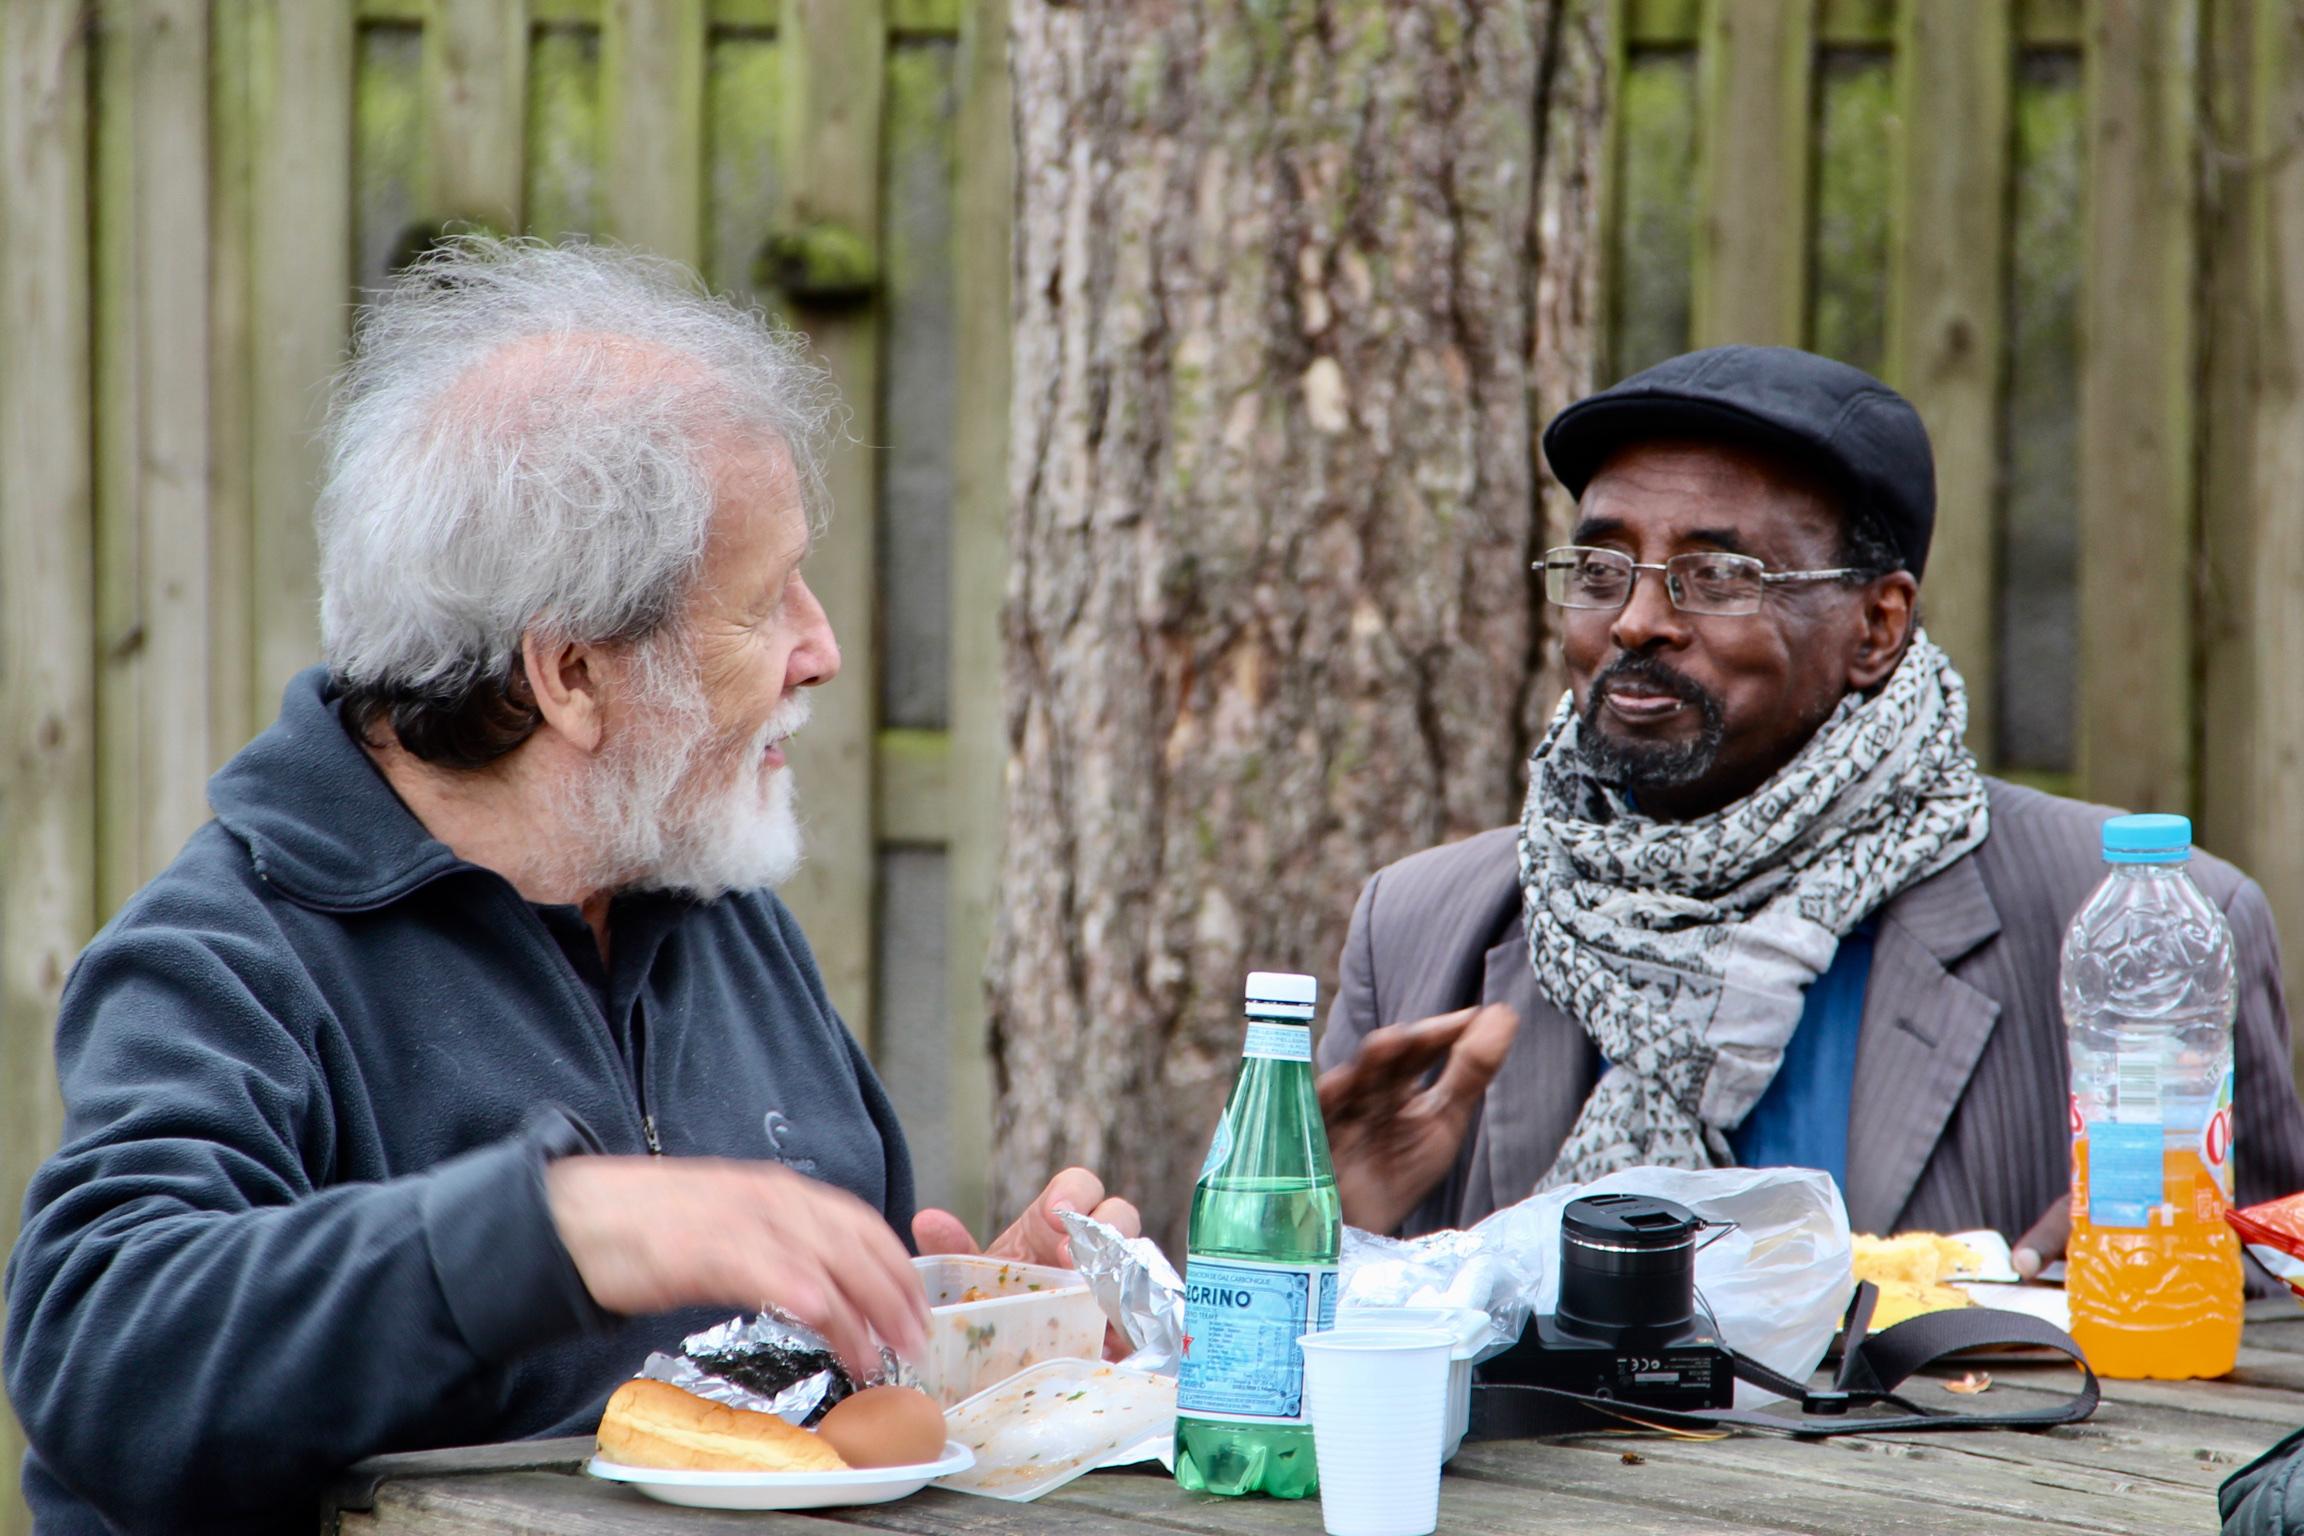 Pique-nique du voyage de fin d'année 2017 - Gérard et Ismaël en grande discussion.